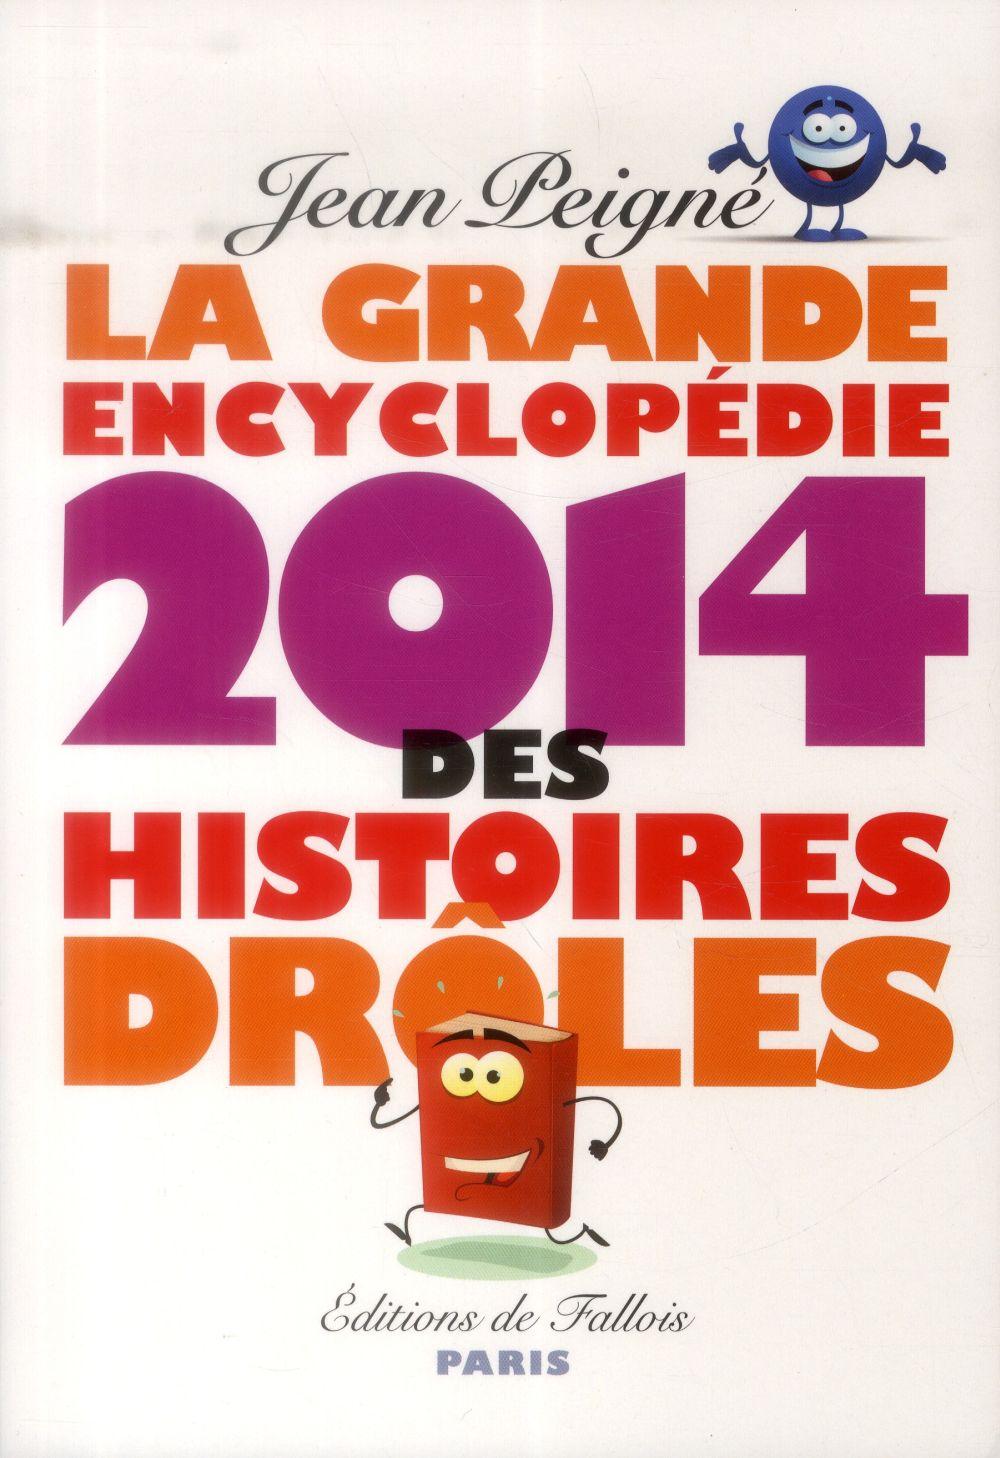 LA GRANDE ENCYCLOPEDIE 2014 DES HISTOIRES DROLES